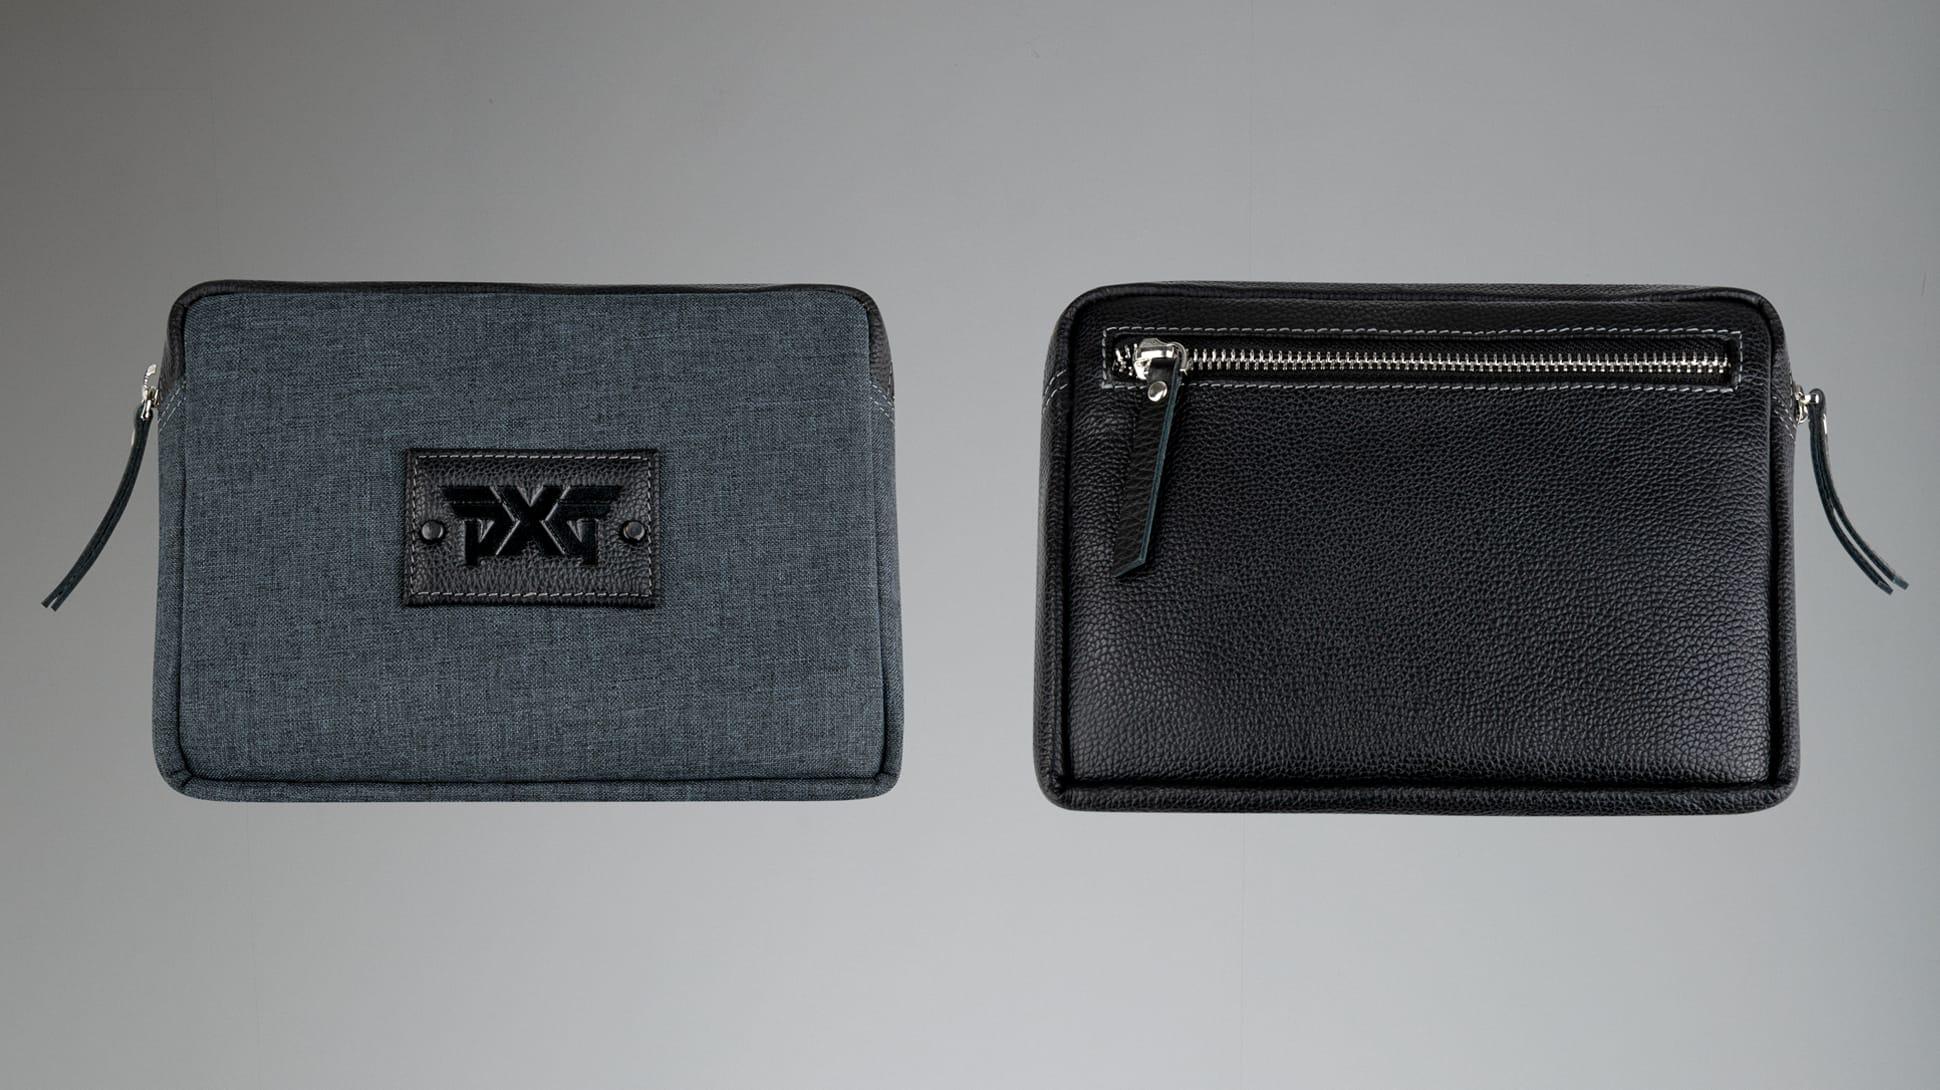 Cash Bag Image 1